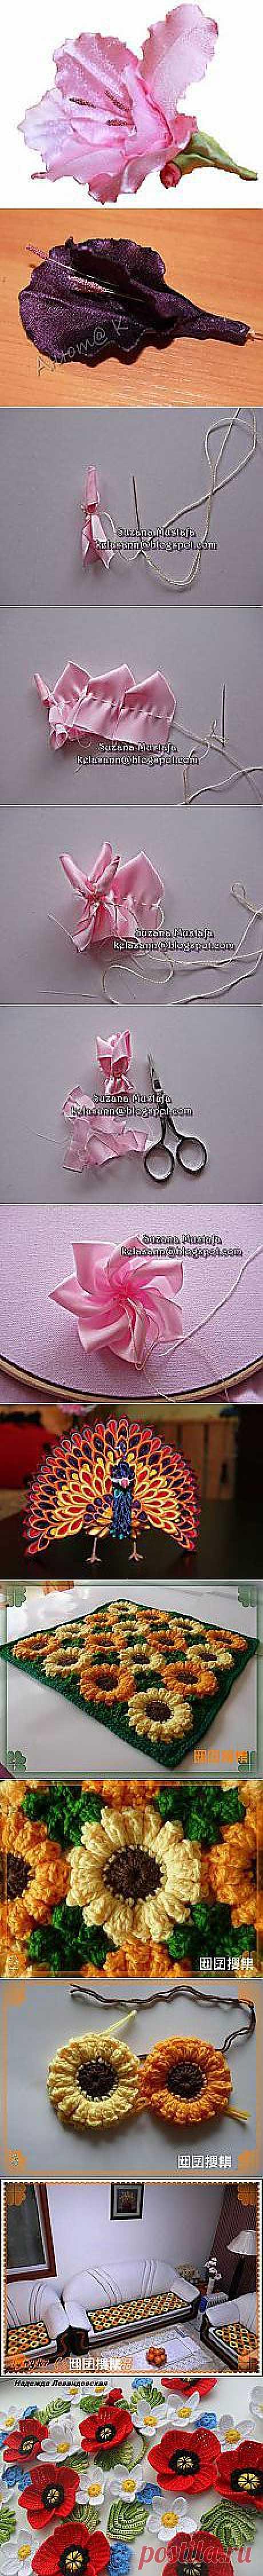 цветы, украшения Татьяна Воронцова: рукоделье | Постила.ru